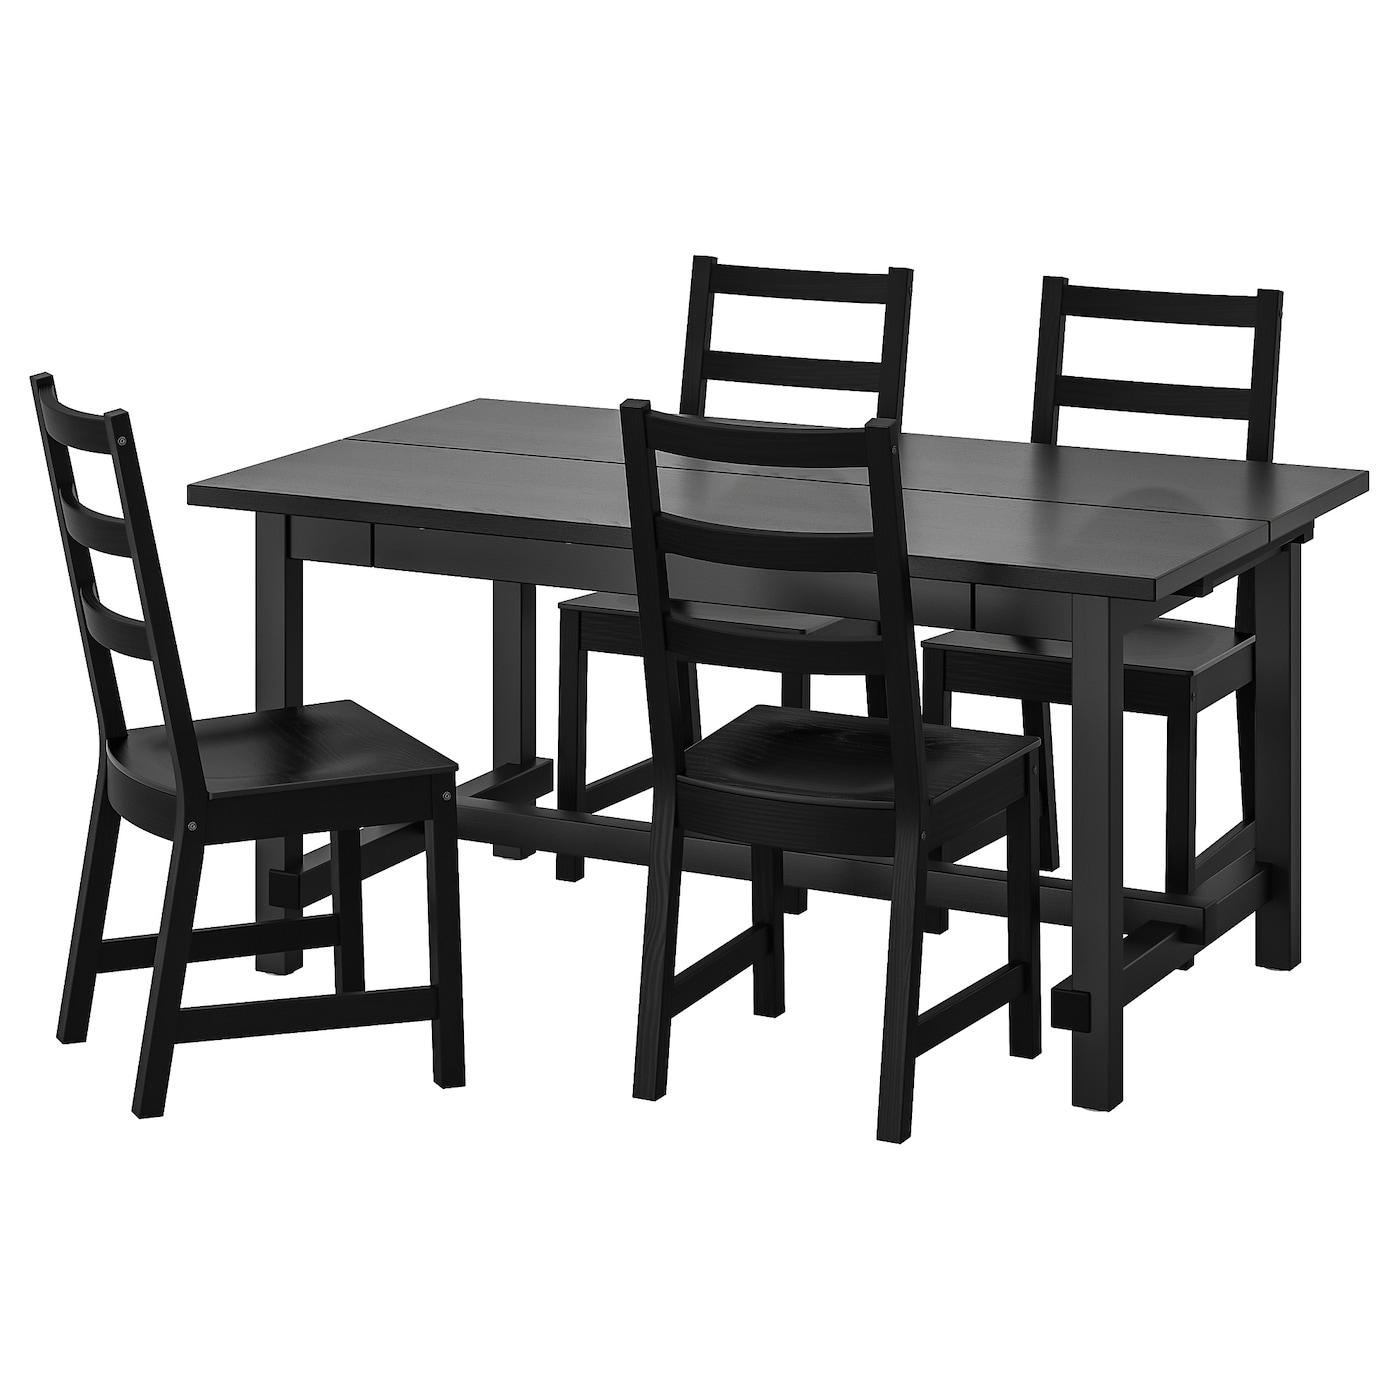 NORDVIKEN / NORDVIKEN Tisch und 4 Stühle   schwarz, schwarz   IKEA